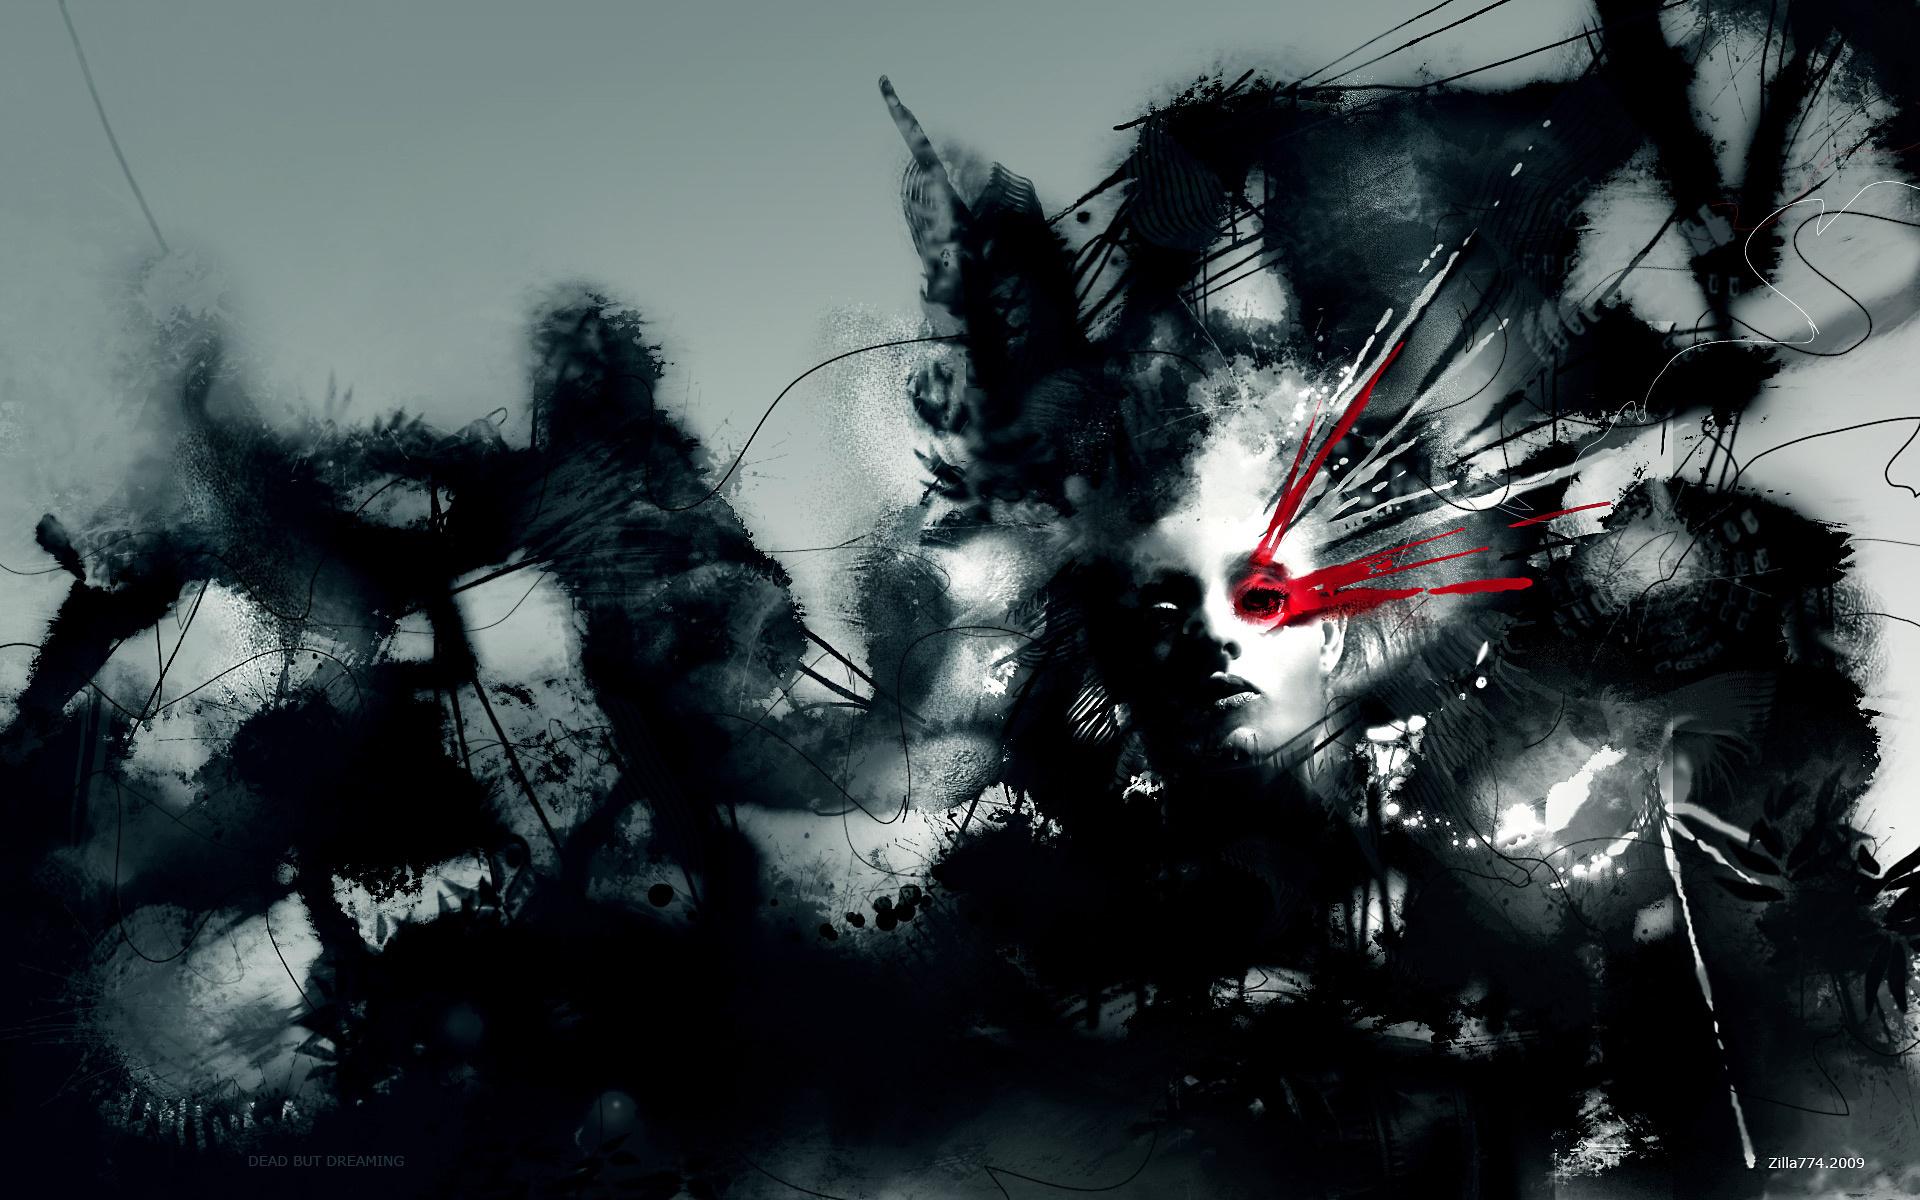 Favorite Wallpaper : digital art, fantasy art, selective coloring, face  IP96